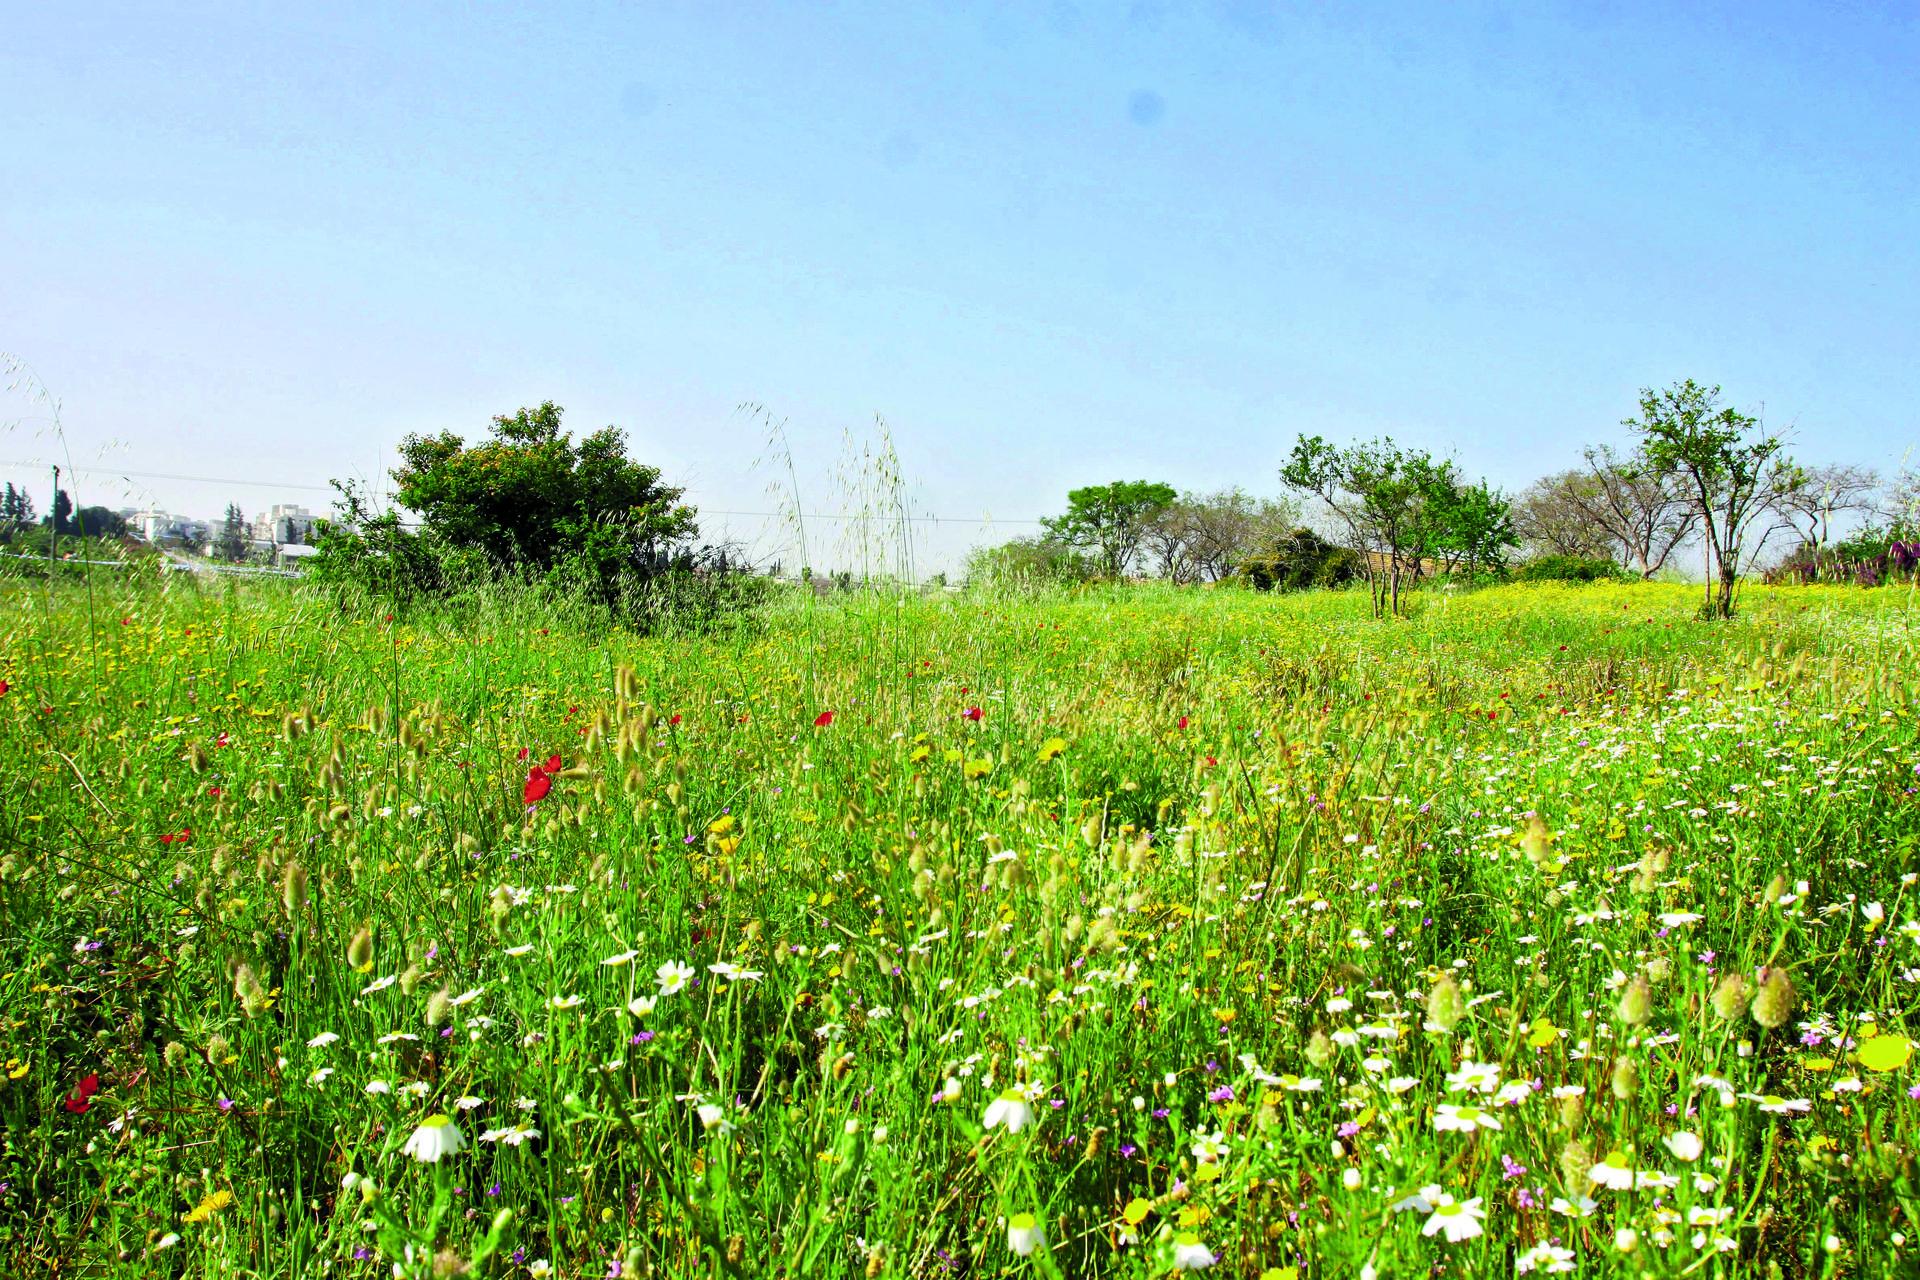 גבעות הכורכר   צילום: אבי מועלם